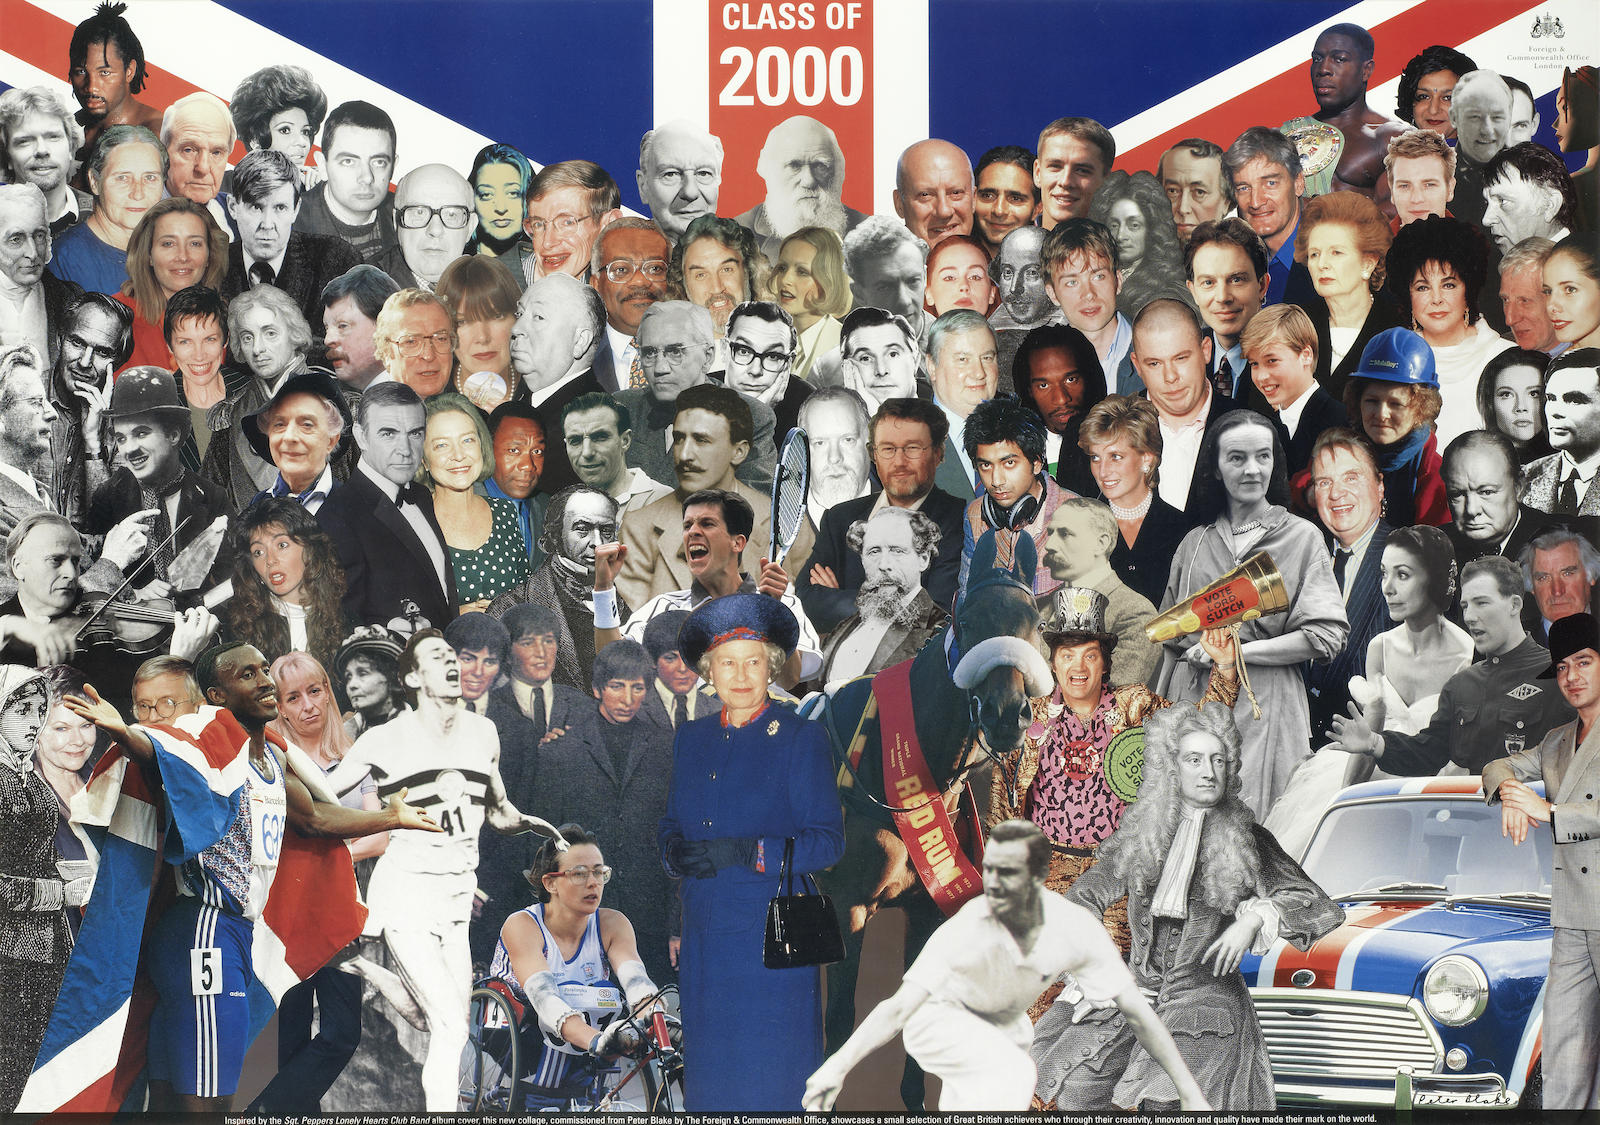 Peter Blake-Class of 2000 - Great British Achievers-2000